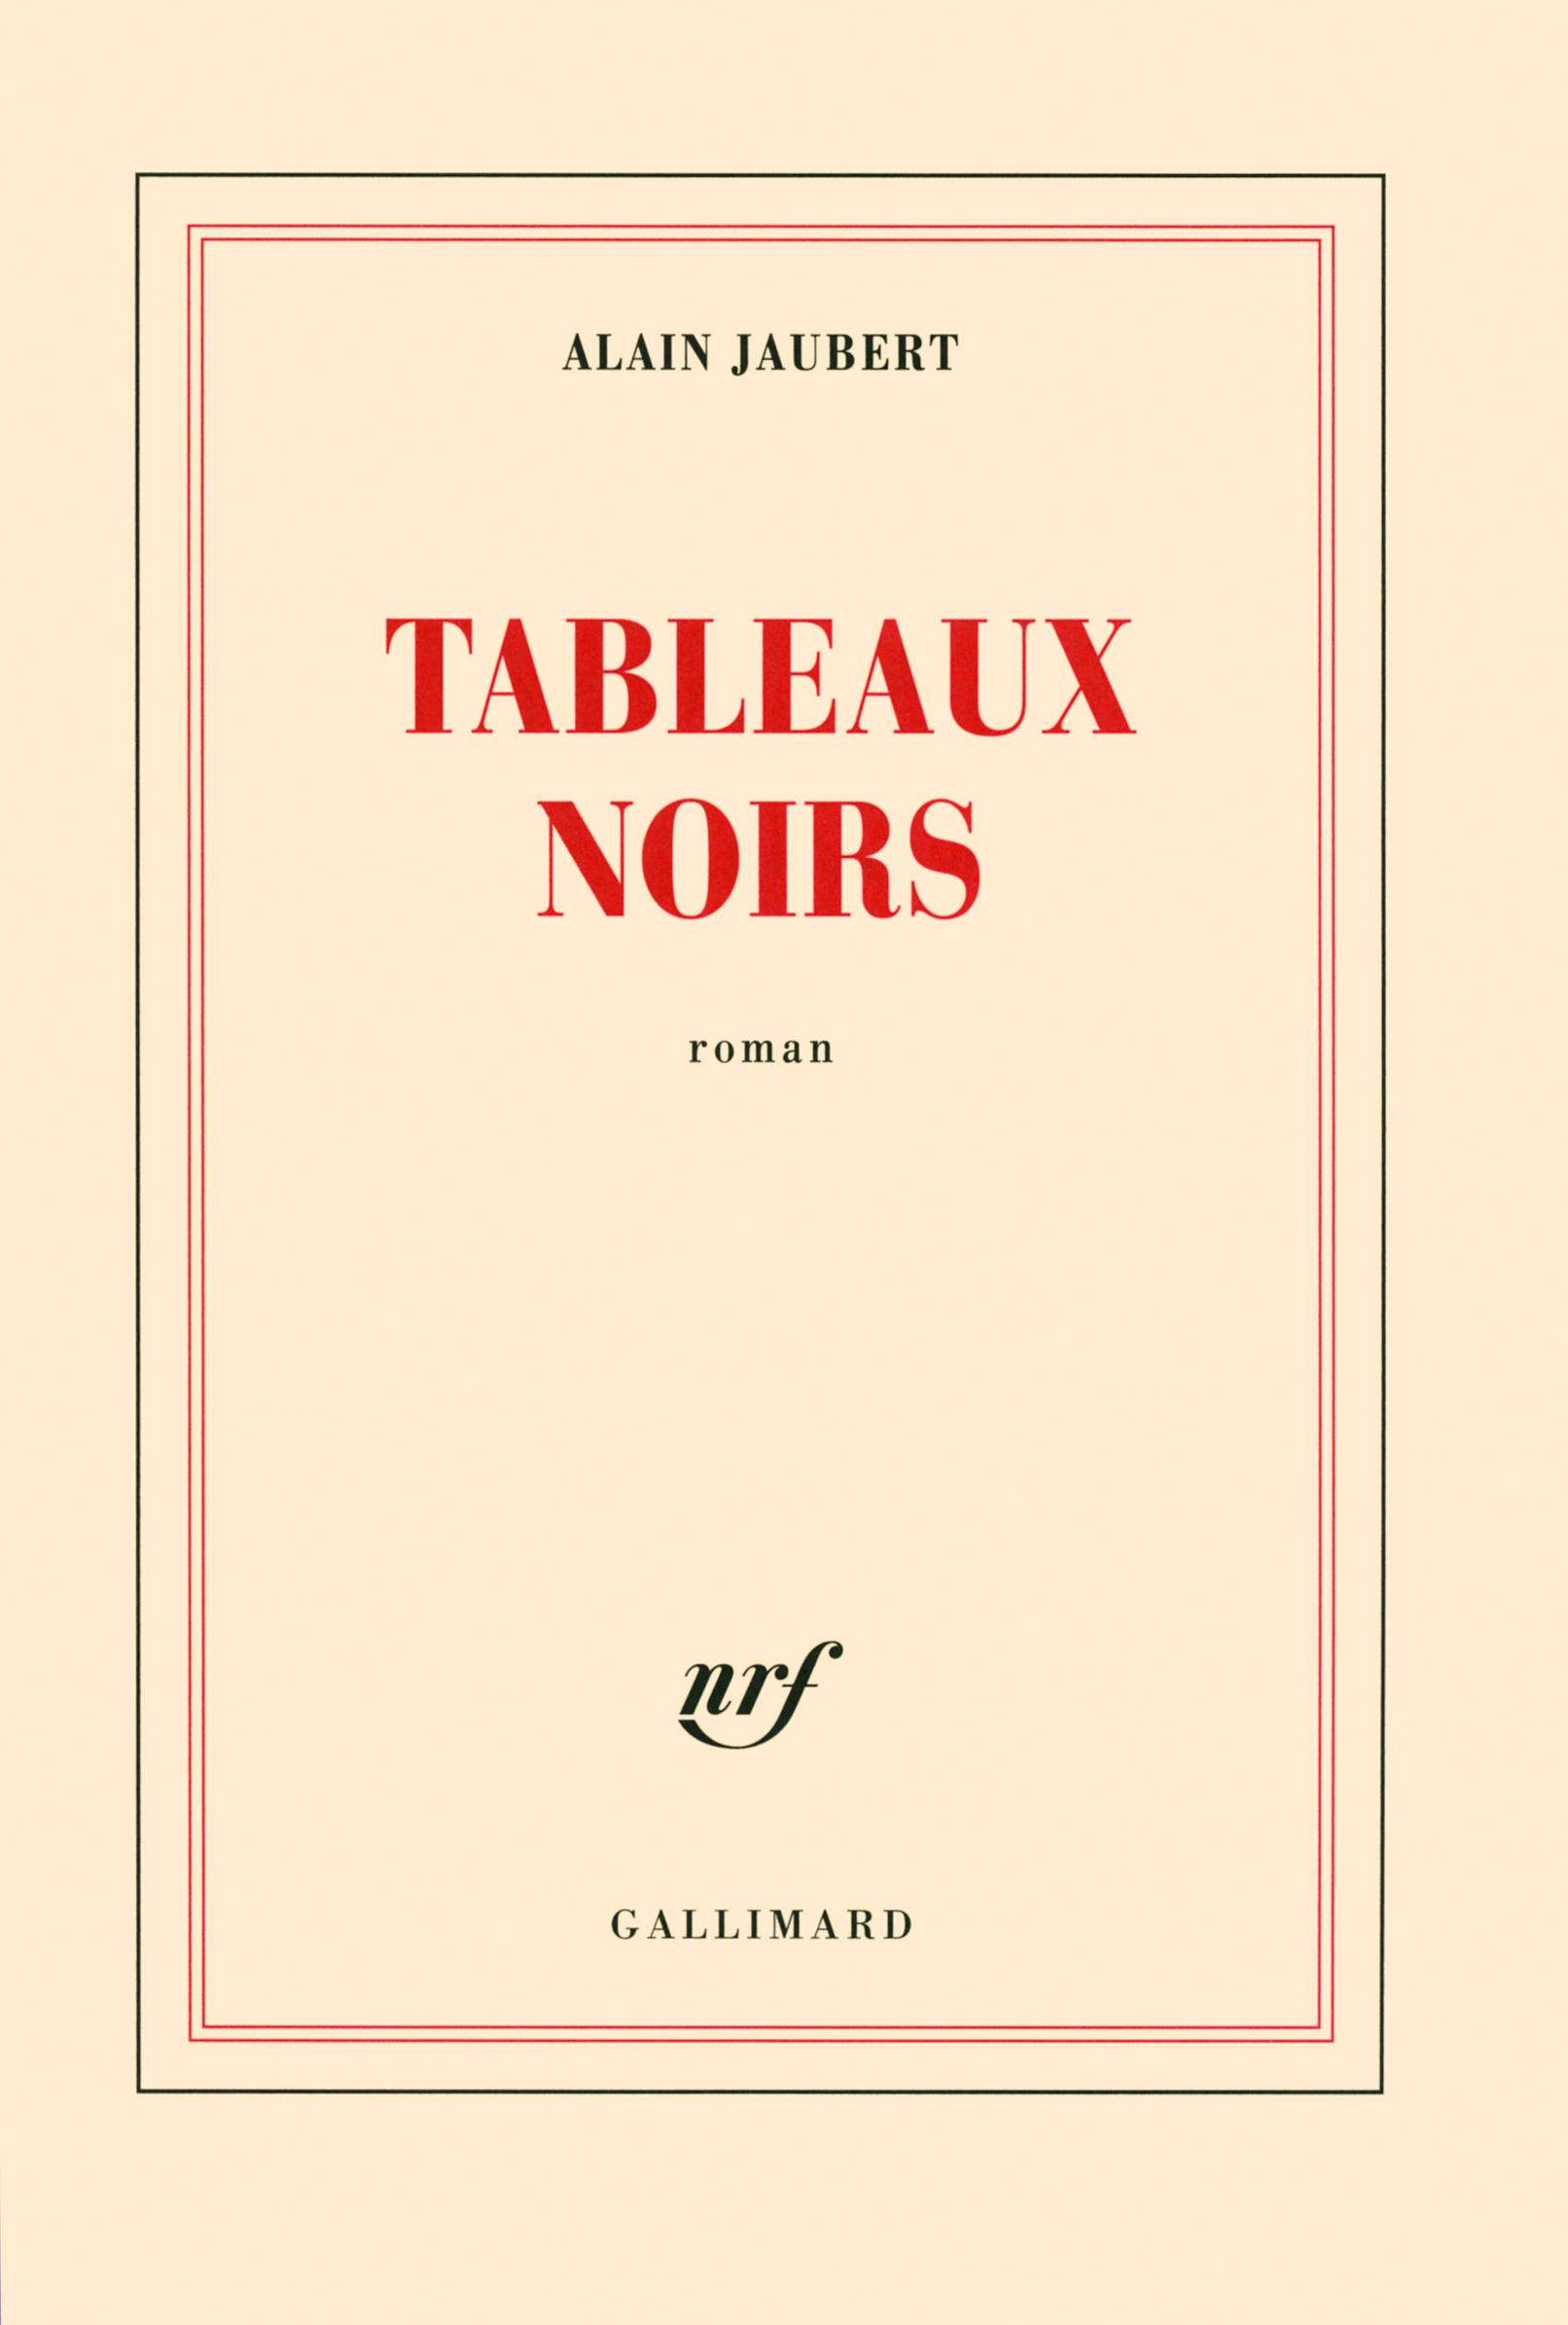 TABLEAUX NOIRS ROMAN